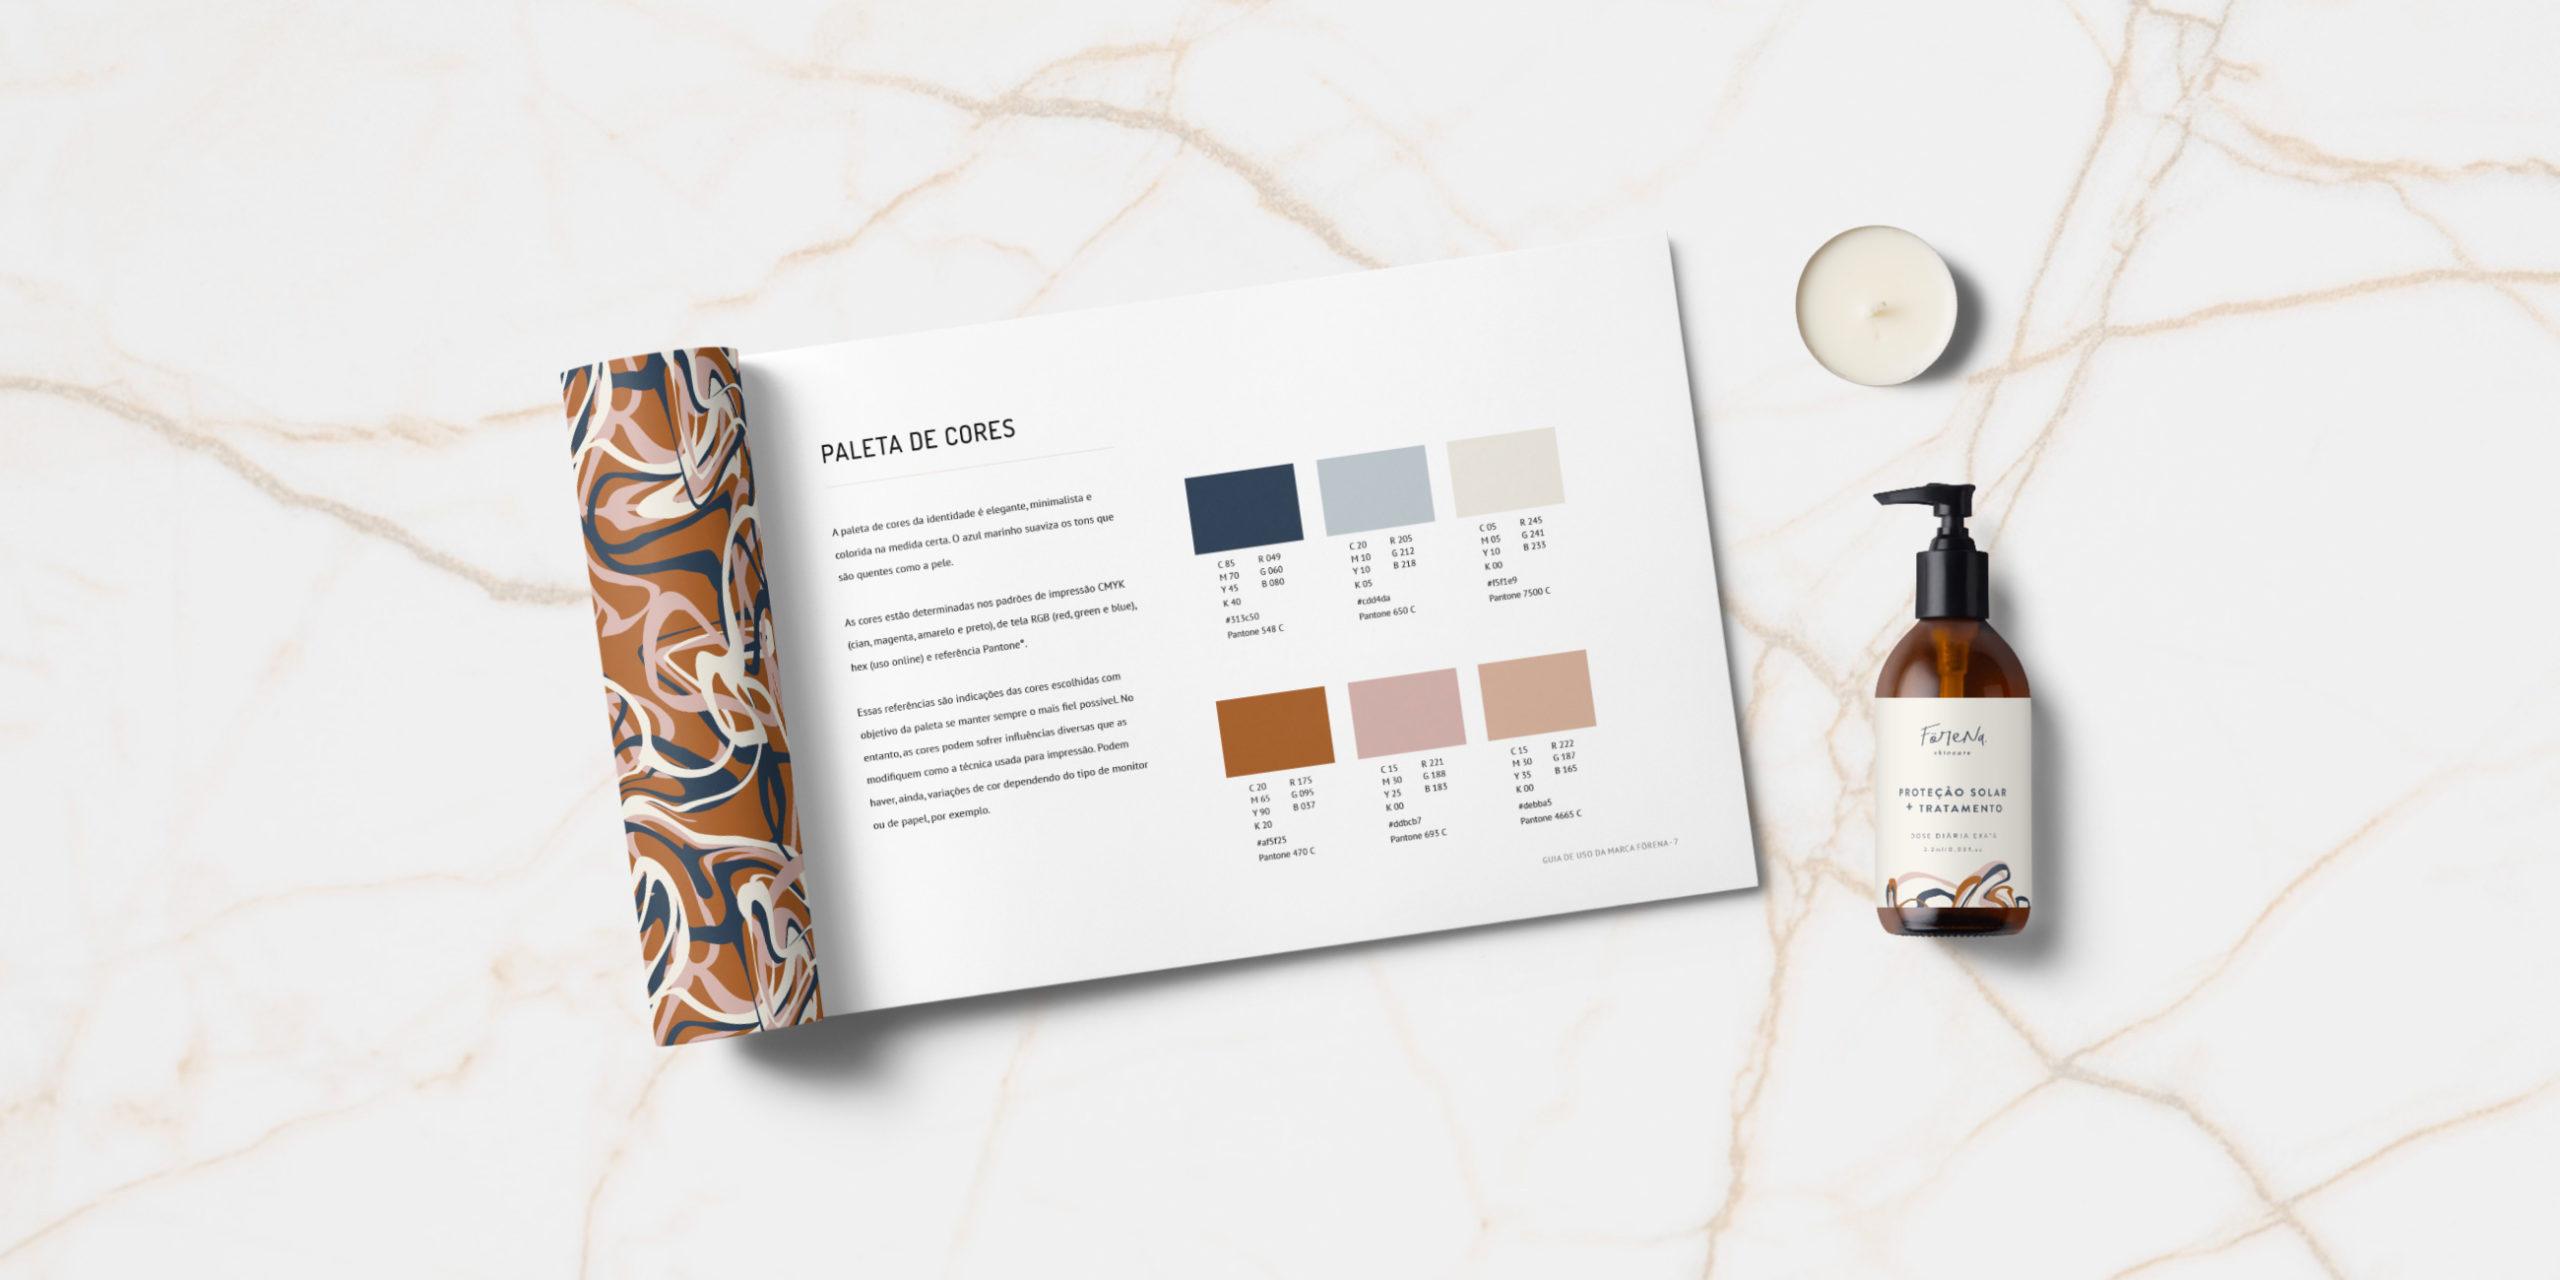 São diversas questões técnicas para ter cuidado, ao fazer uma marca. No Guia de Uso da Förena, você vê os detalhes da paleta de cores. Clique aqui e veja o projeto completo.